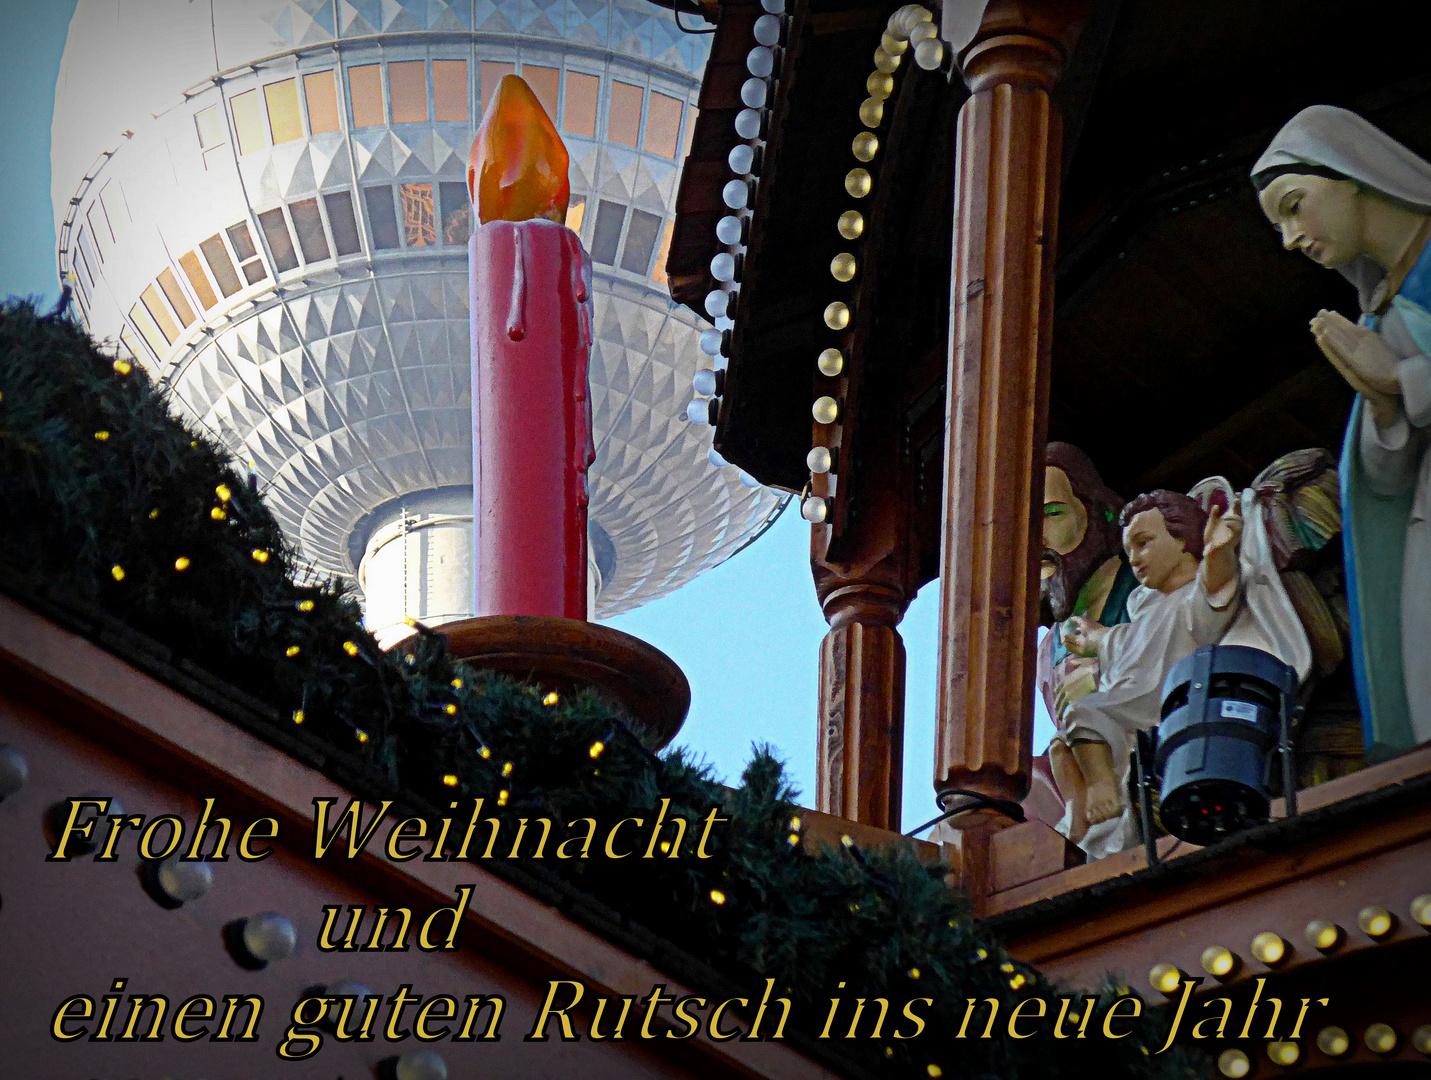 Weihnachtsgrüße Aus Berlin.Weihnachtsgrüße Aus Berlin Foto Bild Berlin Spezial Bilder